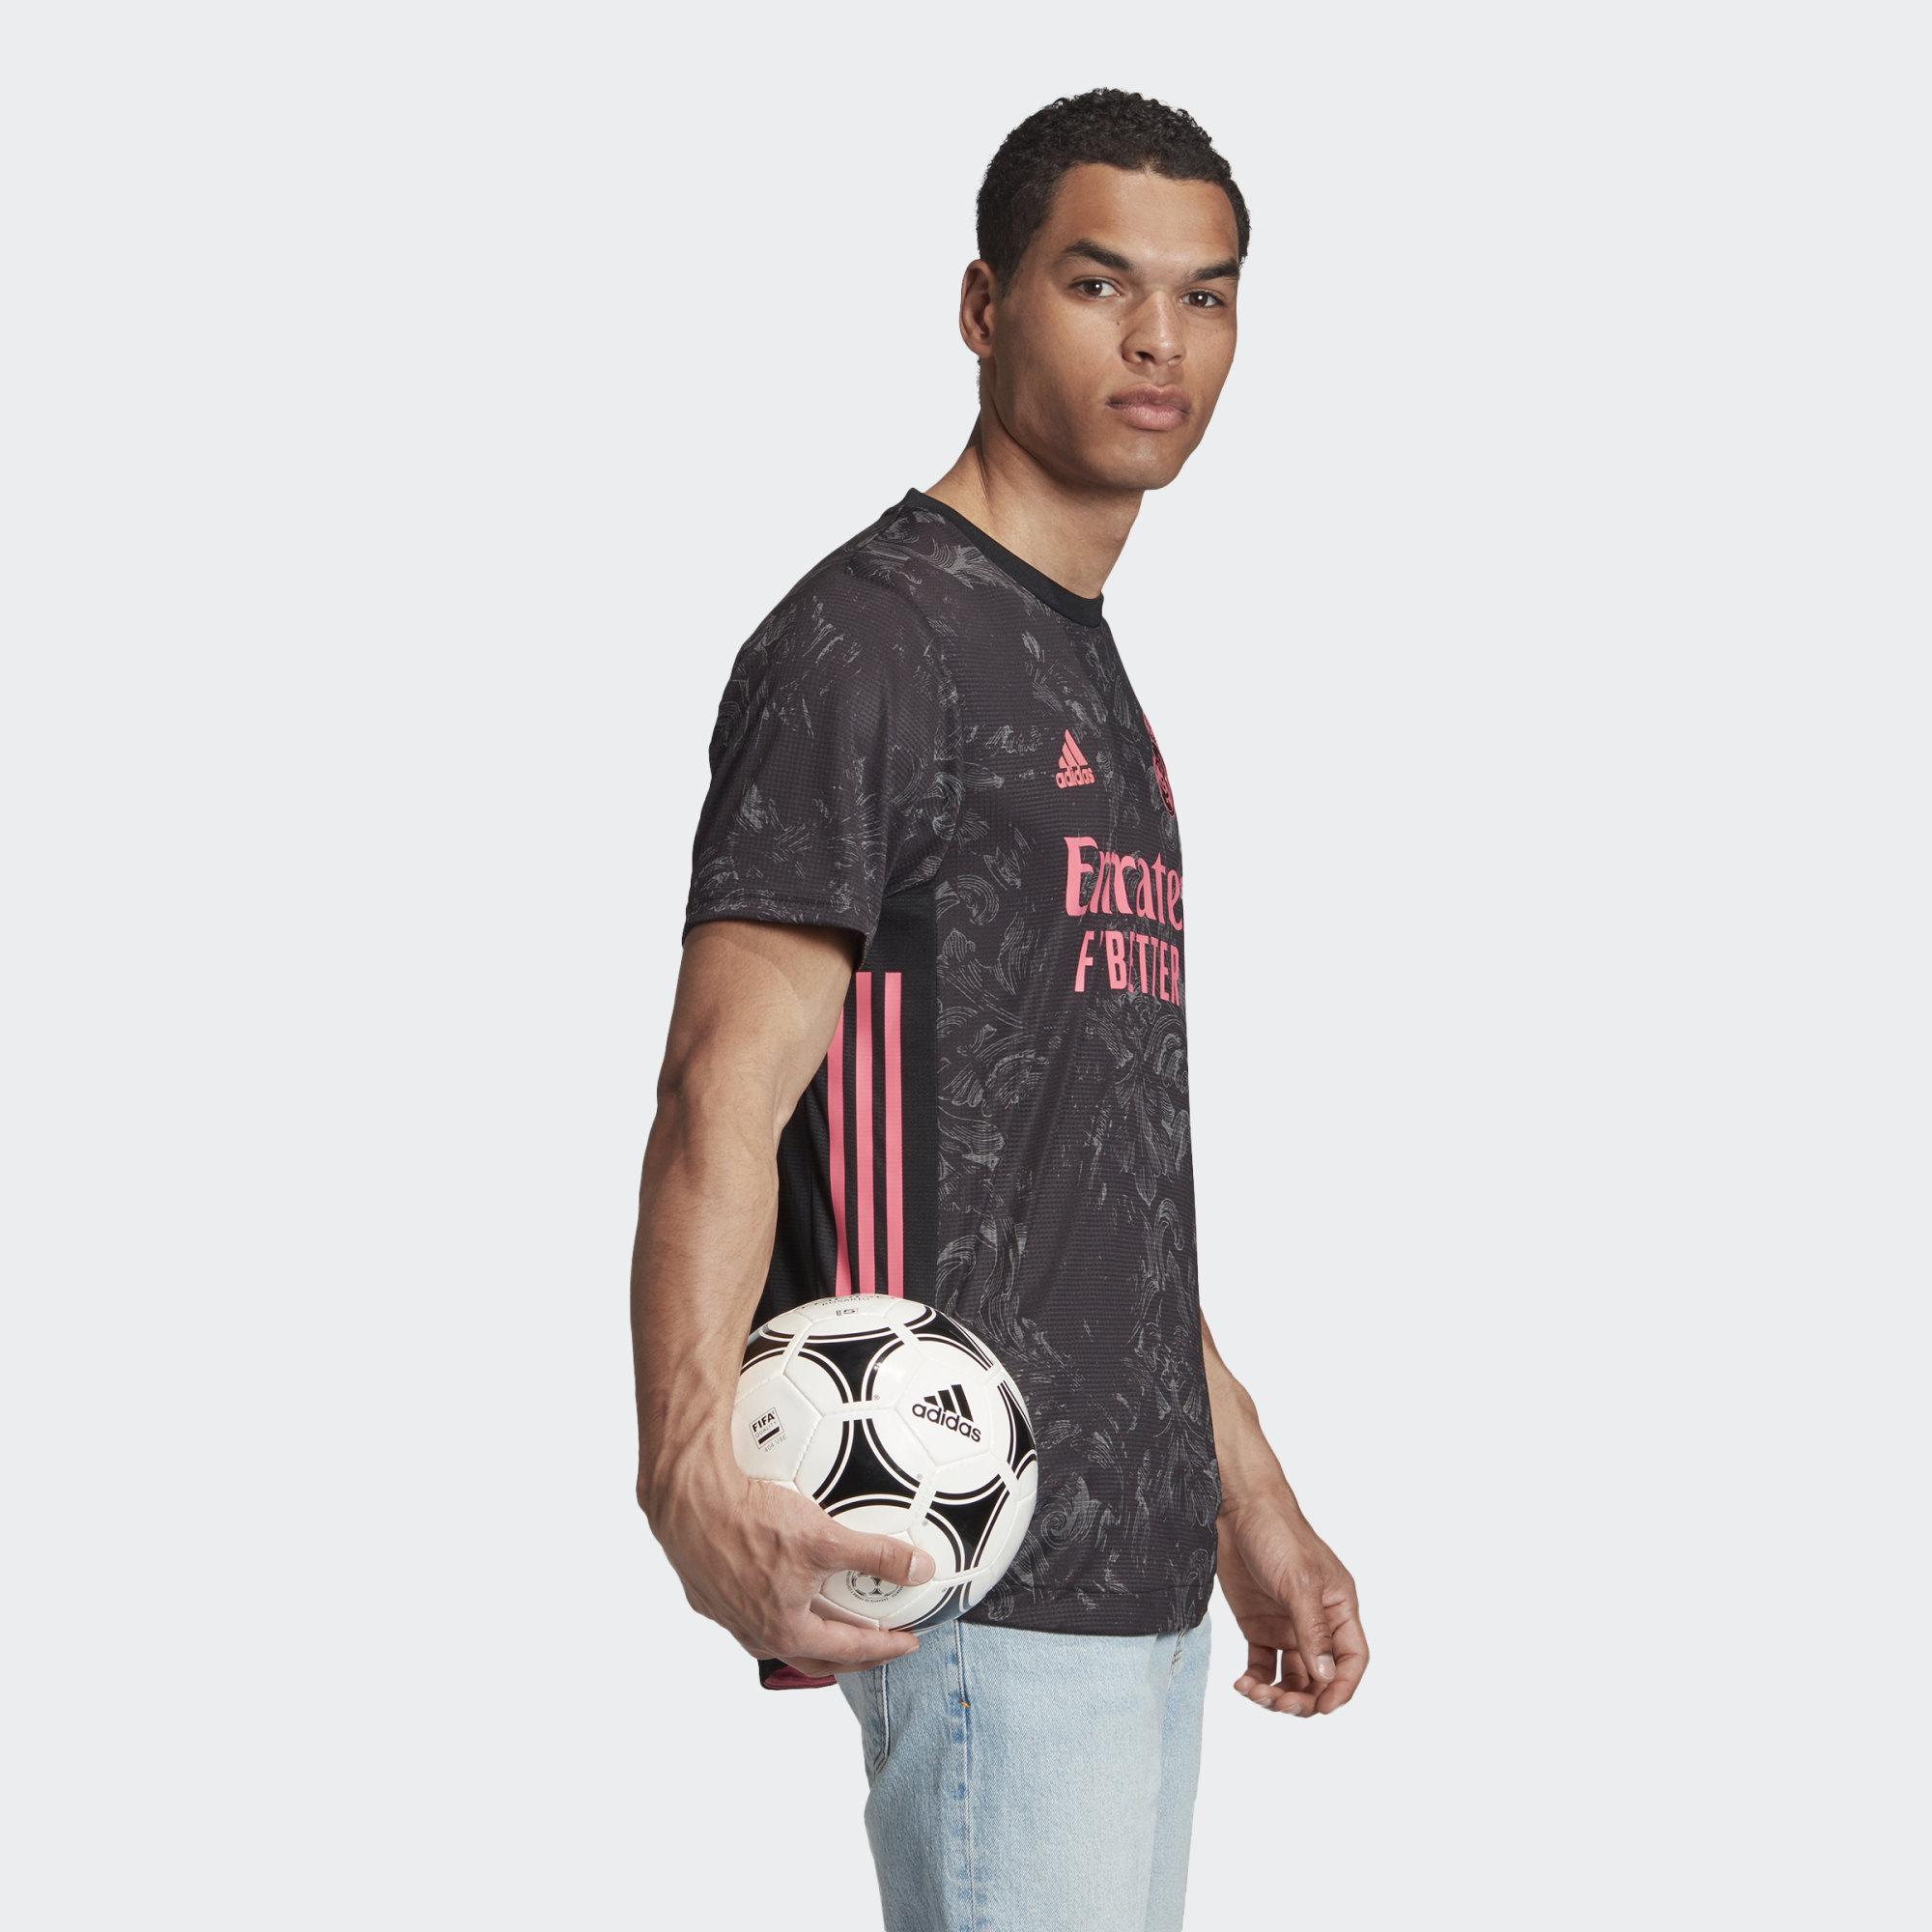 Real Madrid 2020 21 Adidas Third Kit 20 21 Kits Football Shirt Blog